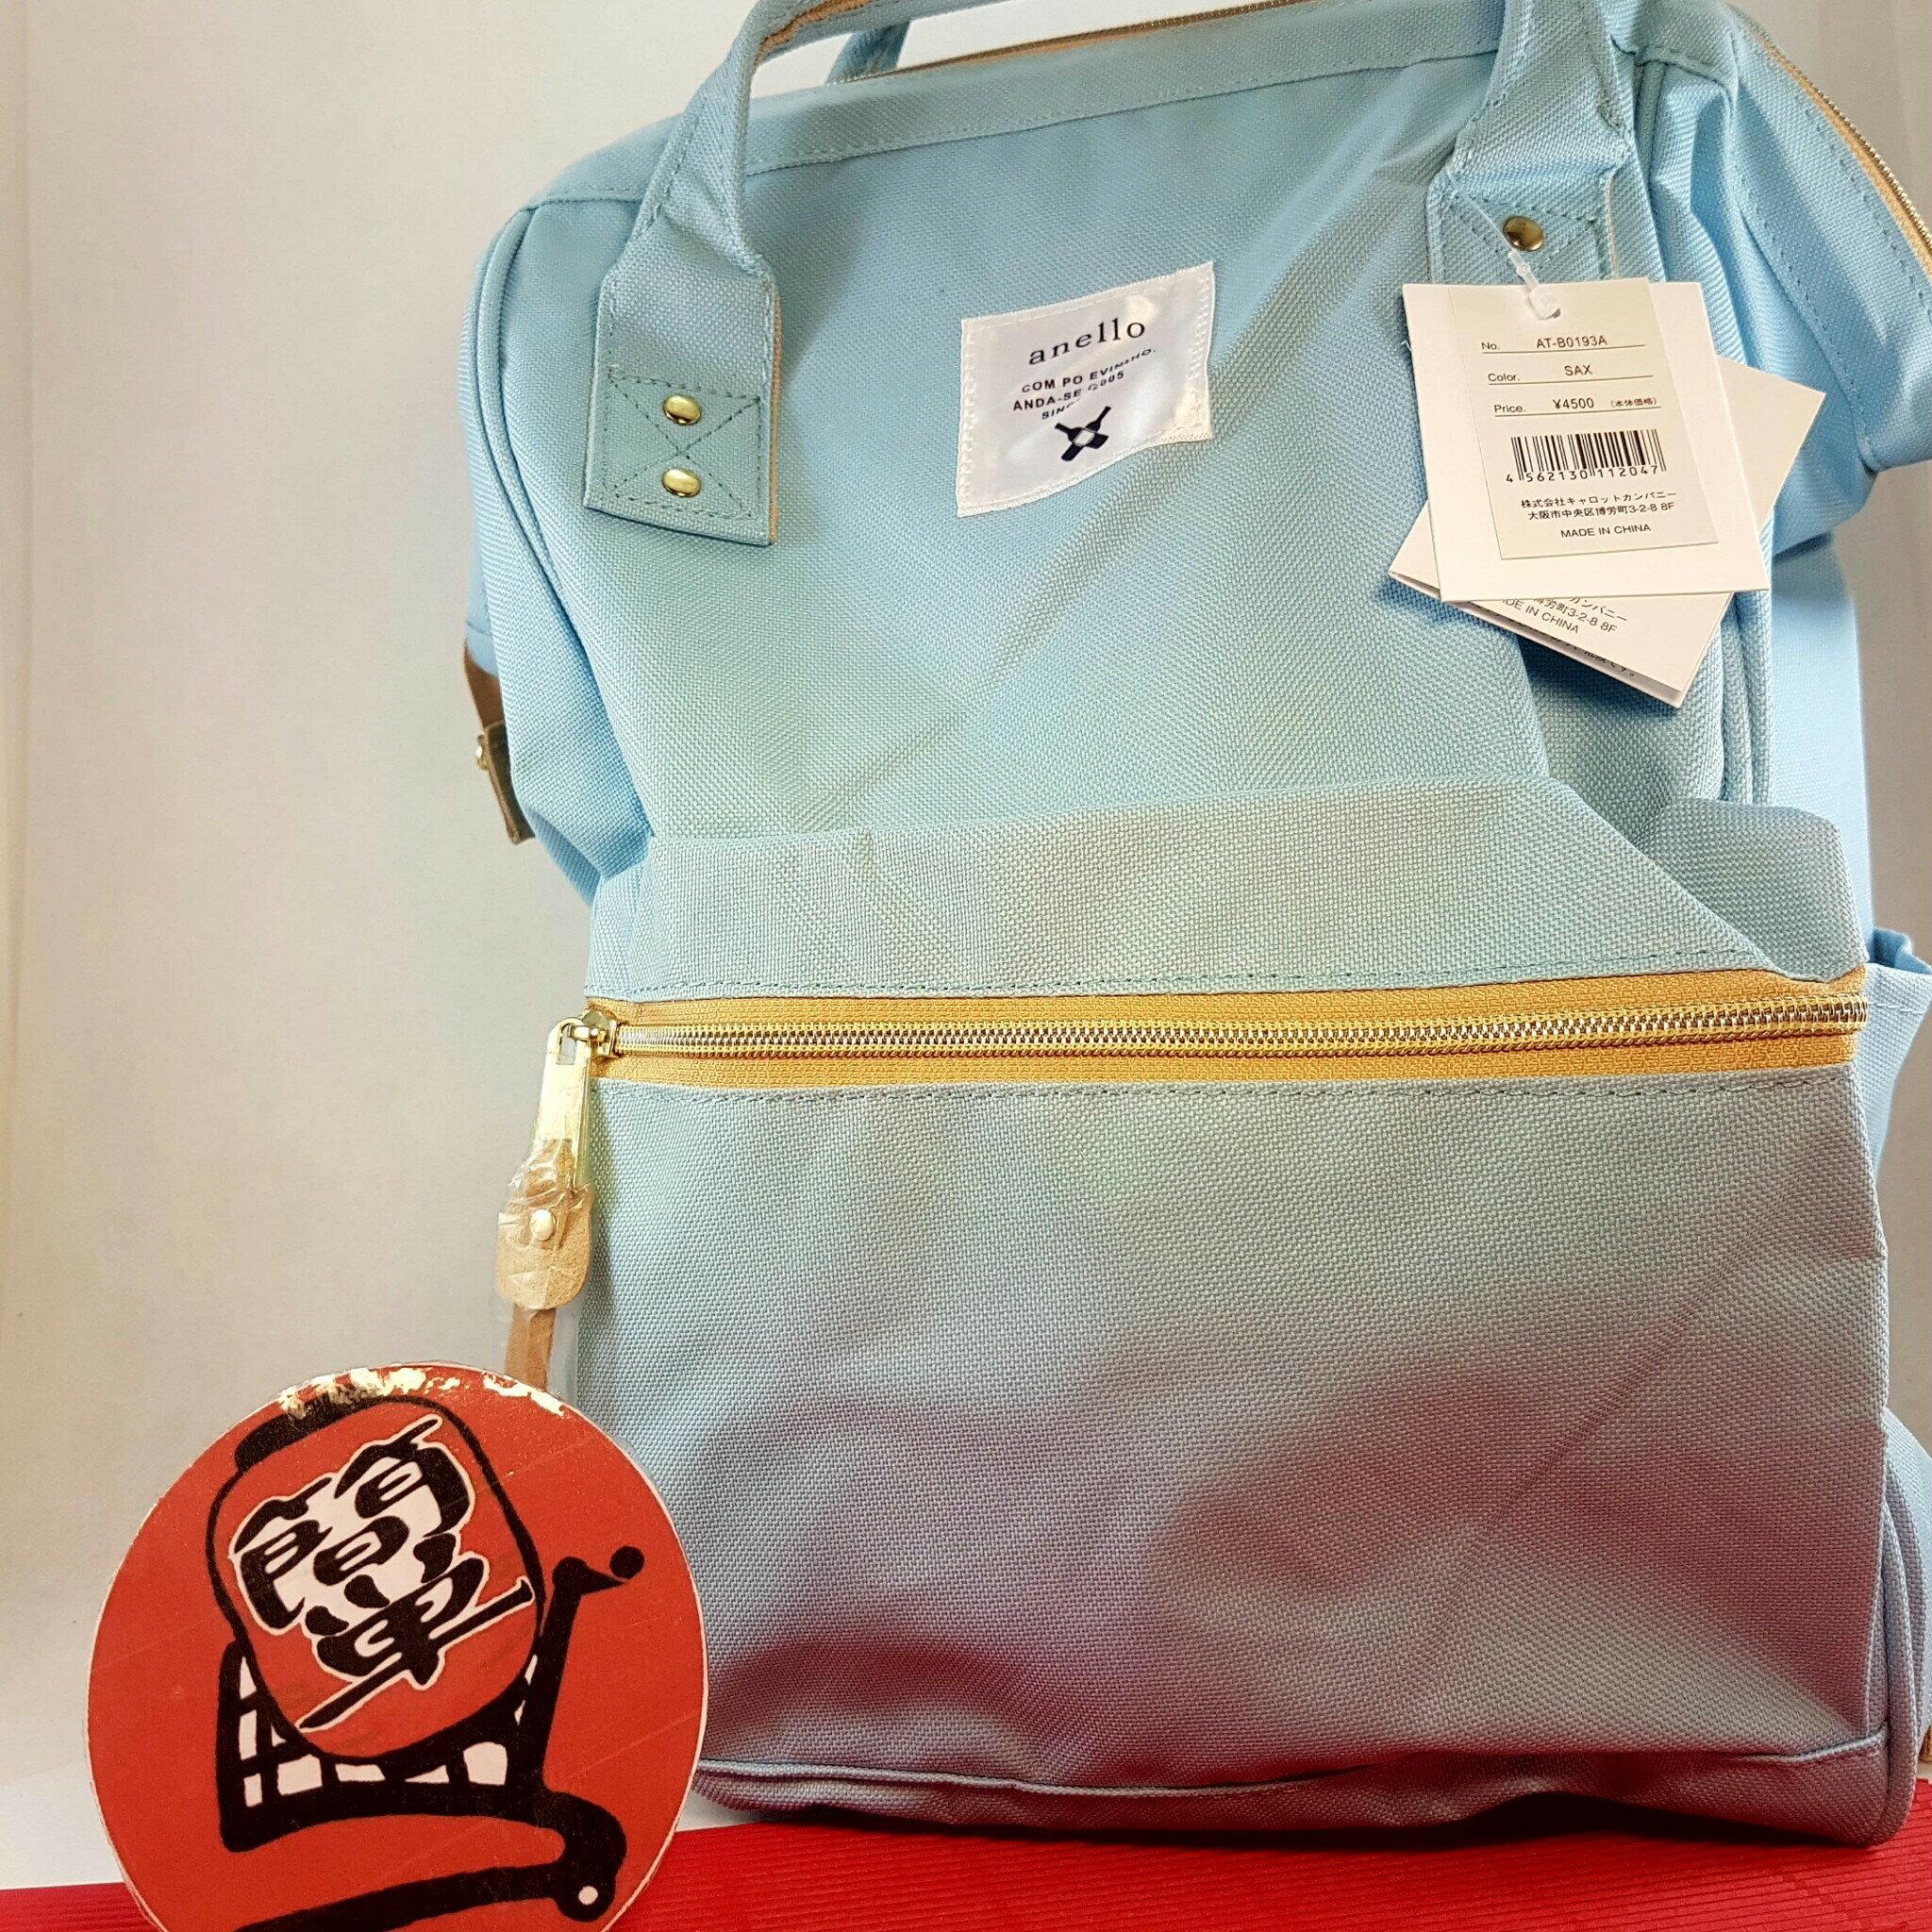 『簡?全球購』大尺寸-粉天空藍 anello 新款 皮質大開口後背包 皮製2WAY手提包超便利寬口包